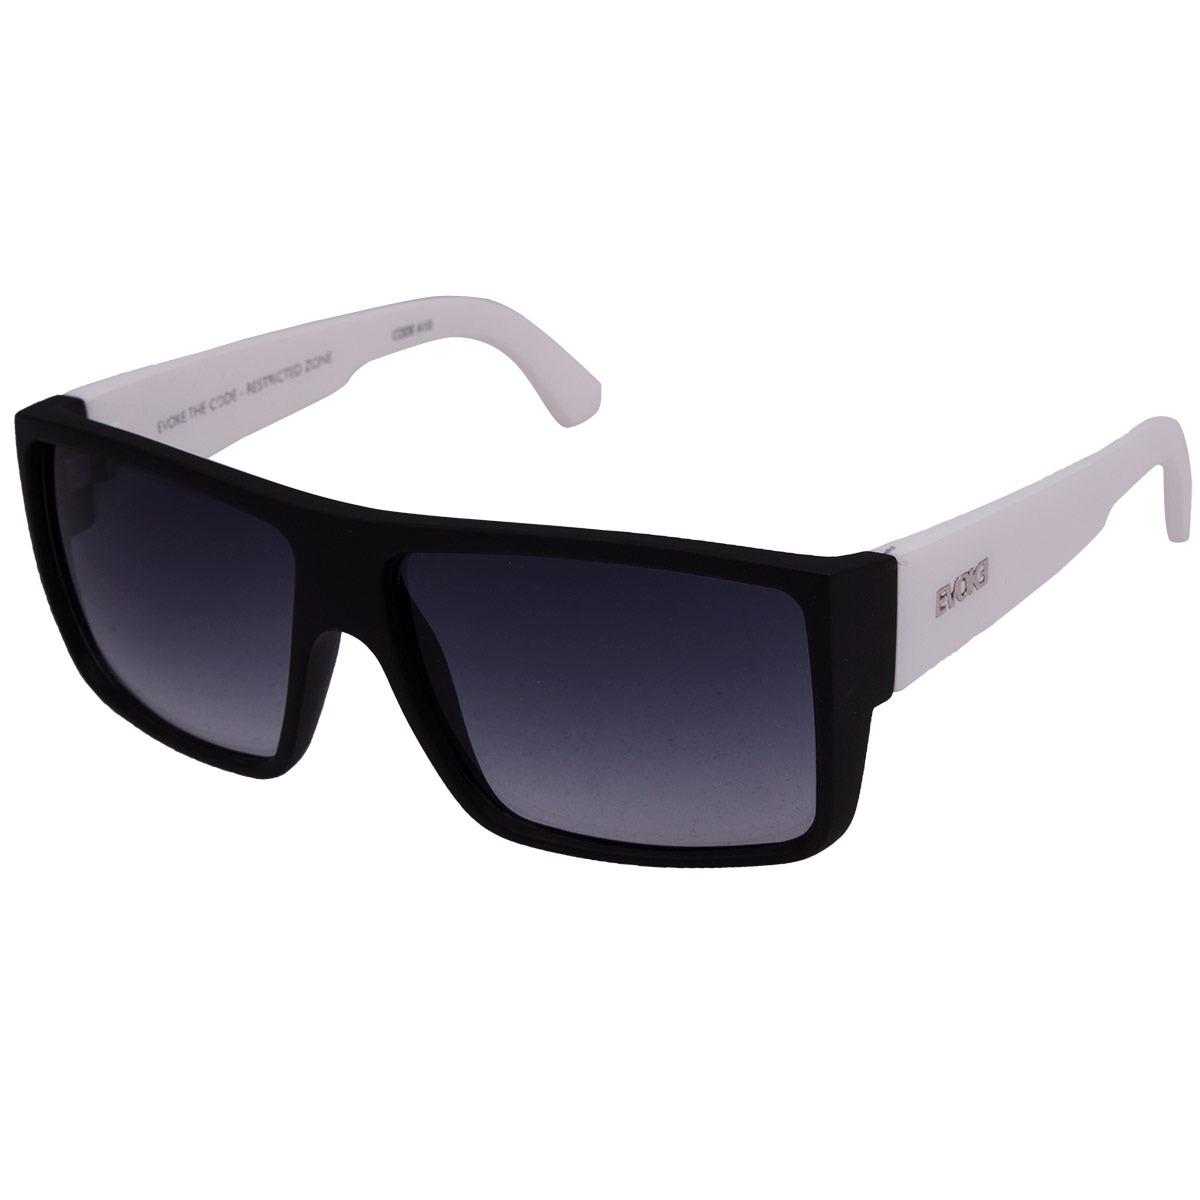 9116d5f2e5d48 óculos de sol evoke the code a10 - black white grey. Carregando zoom.